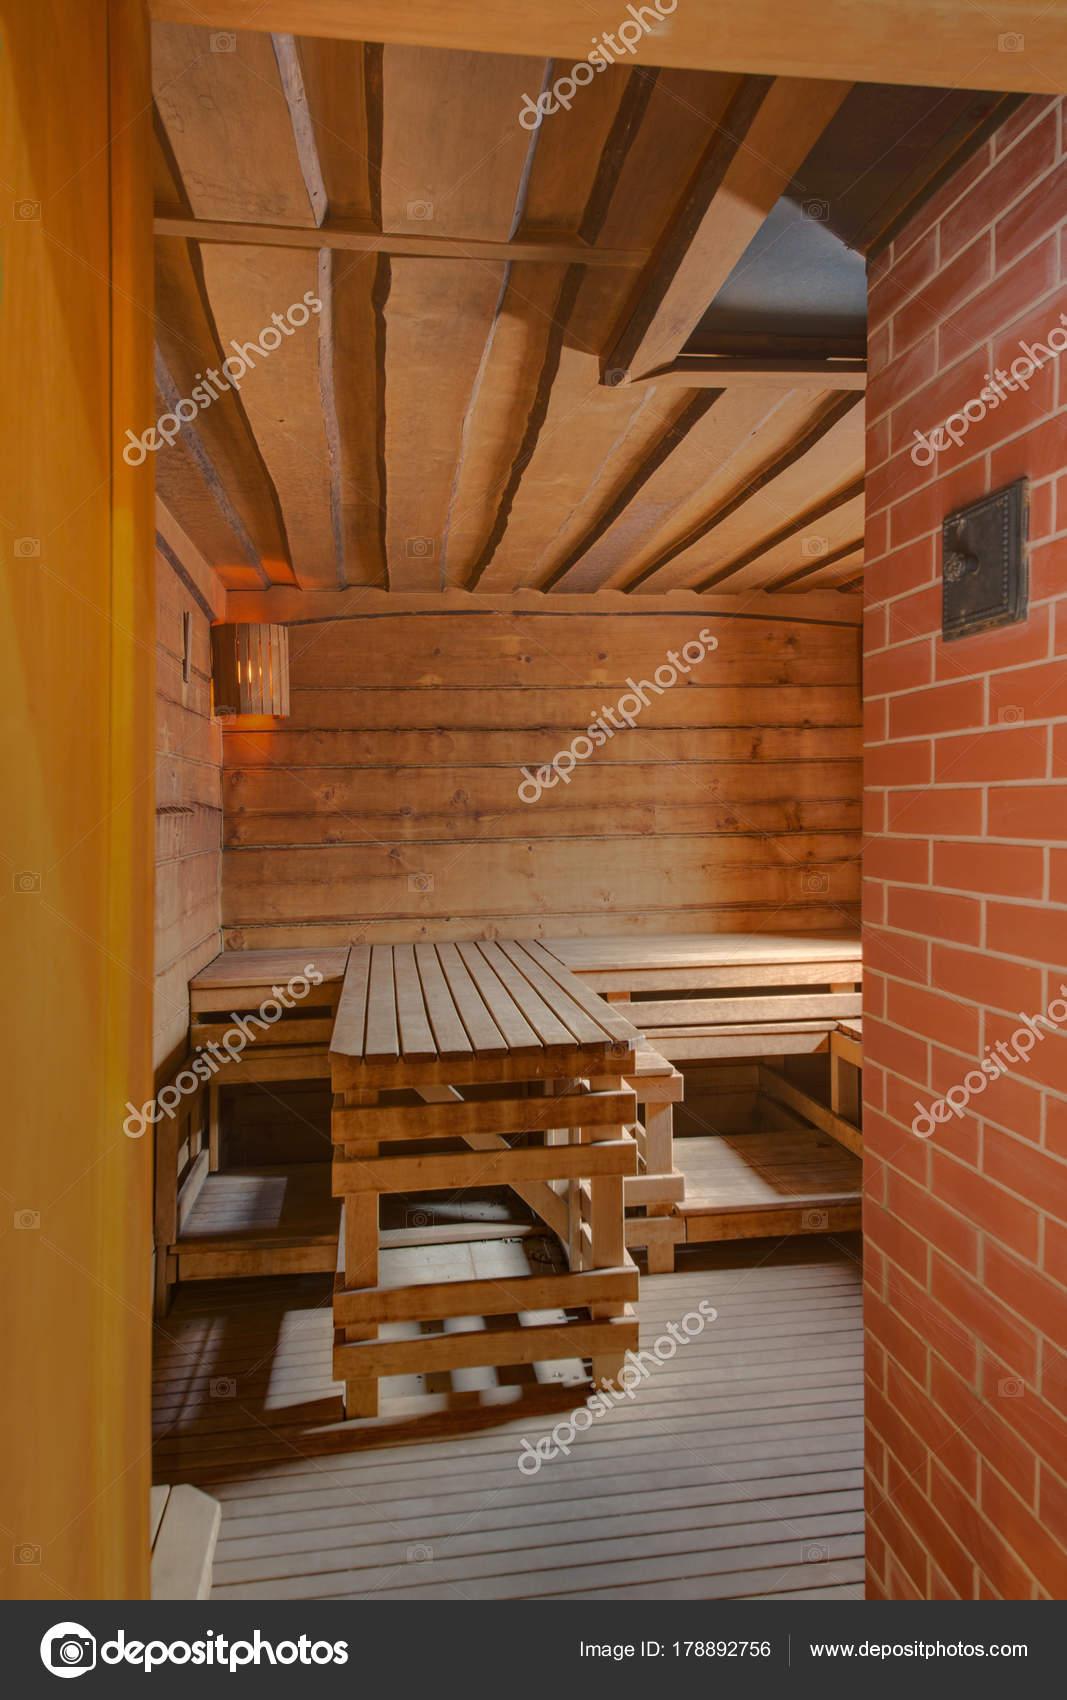 łaźnia Parowa łóżka Drewniane Deski Mur Cegły Zdjęcie